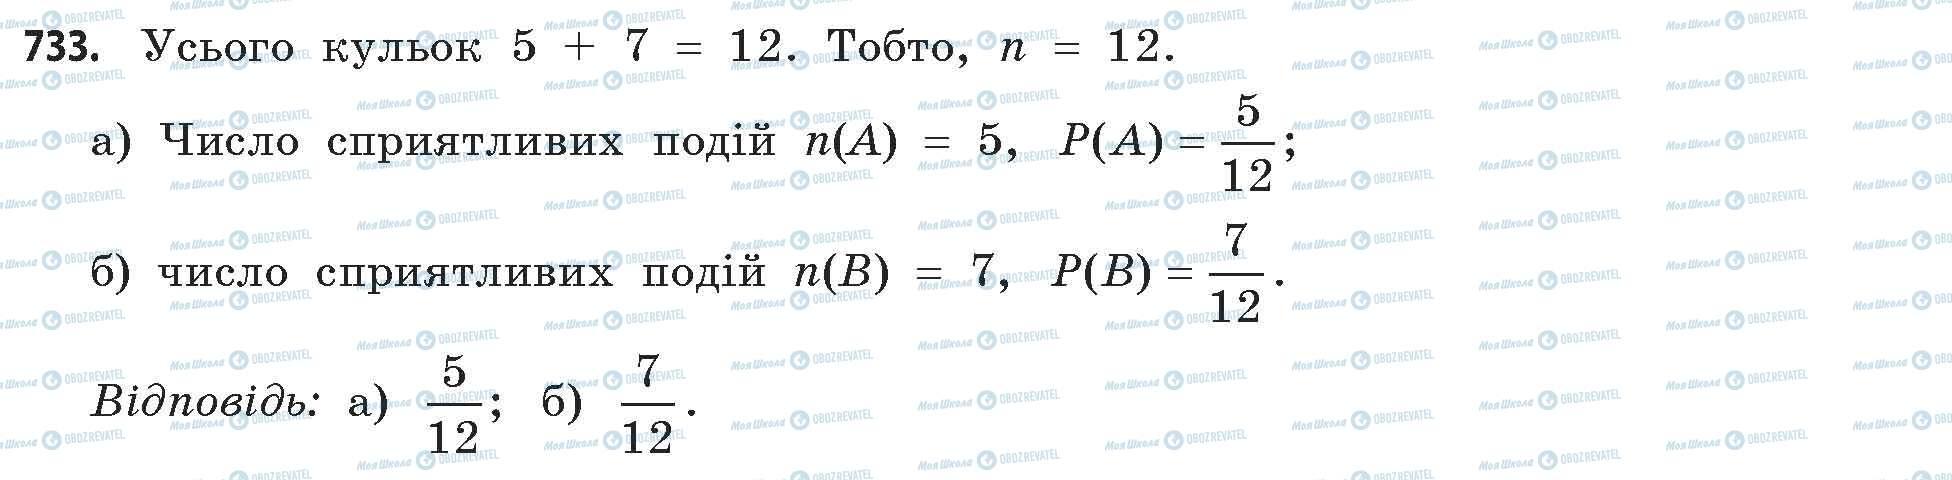 ГДЗ Математика 11 класс страница 733